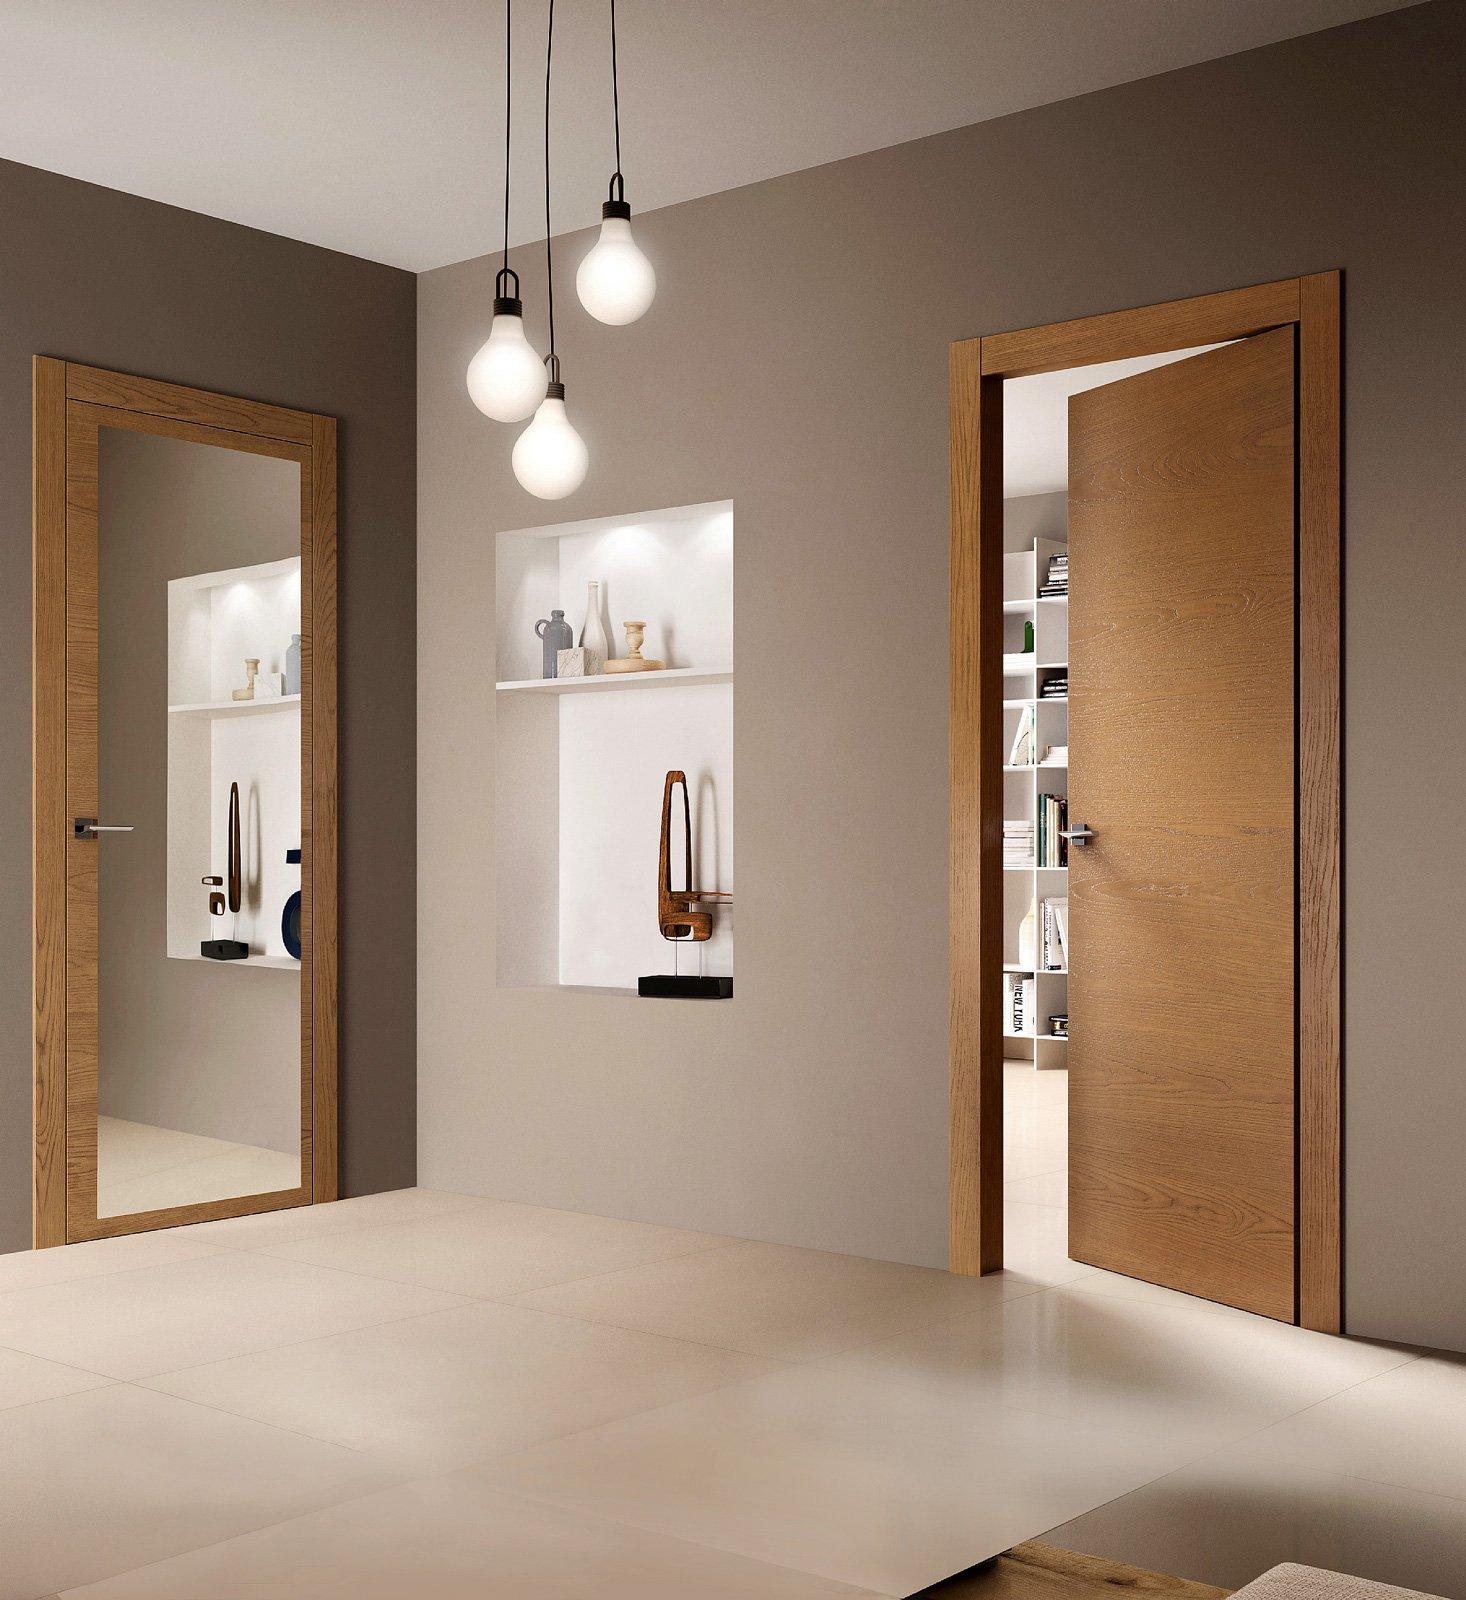 Arredare l 39 ingresso a seconda della forma cose di casa for Idee per ingresso casa